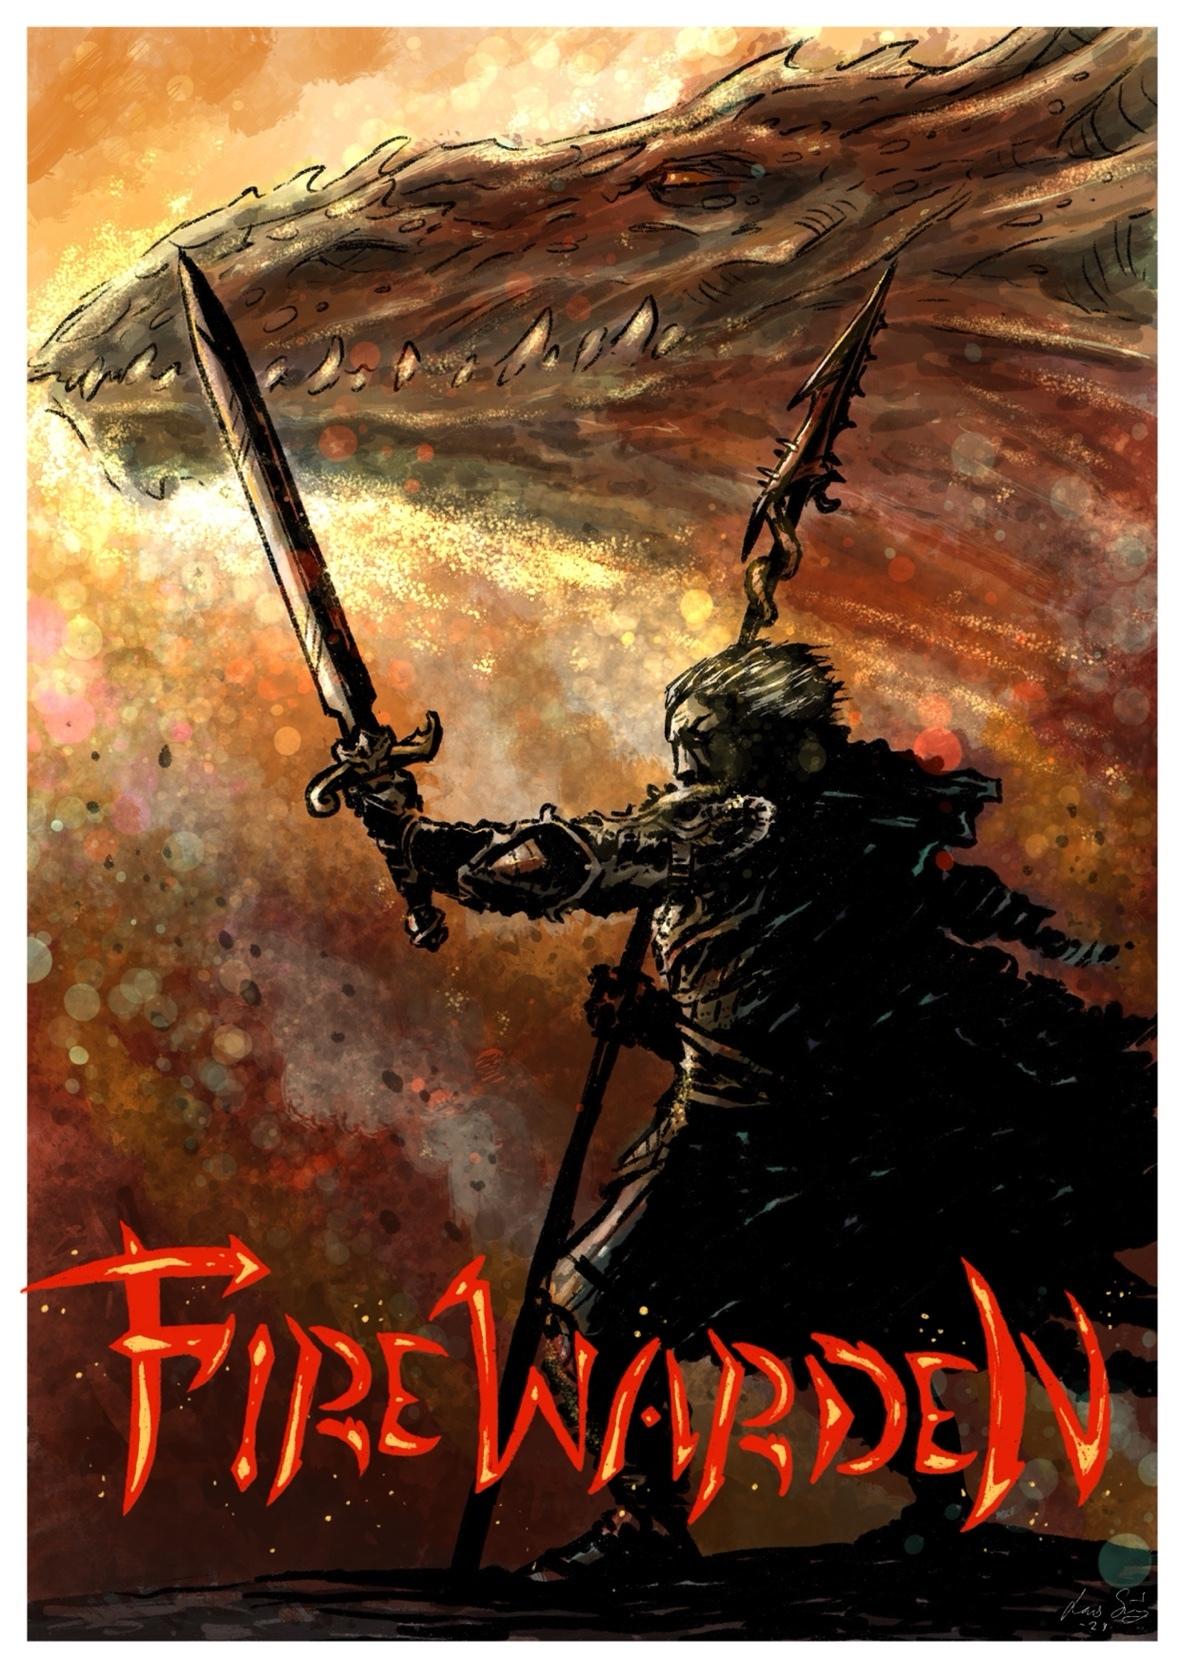 Firewarden